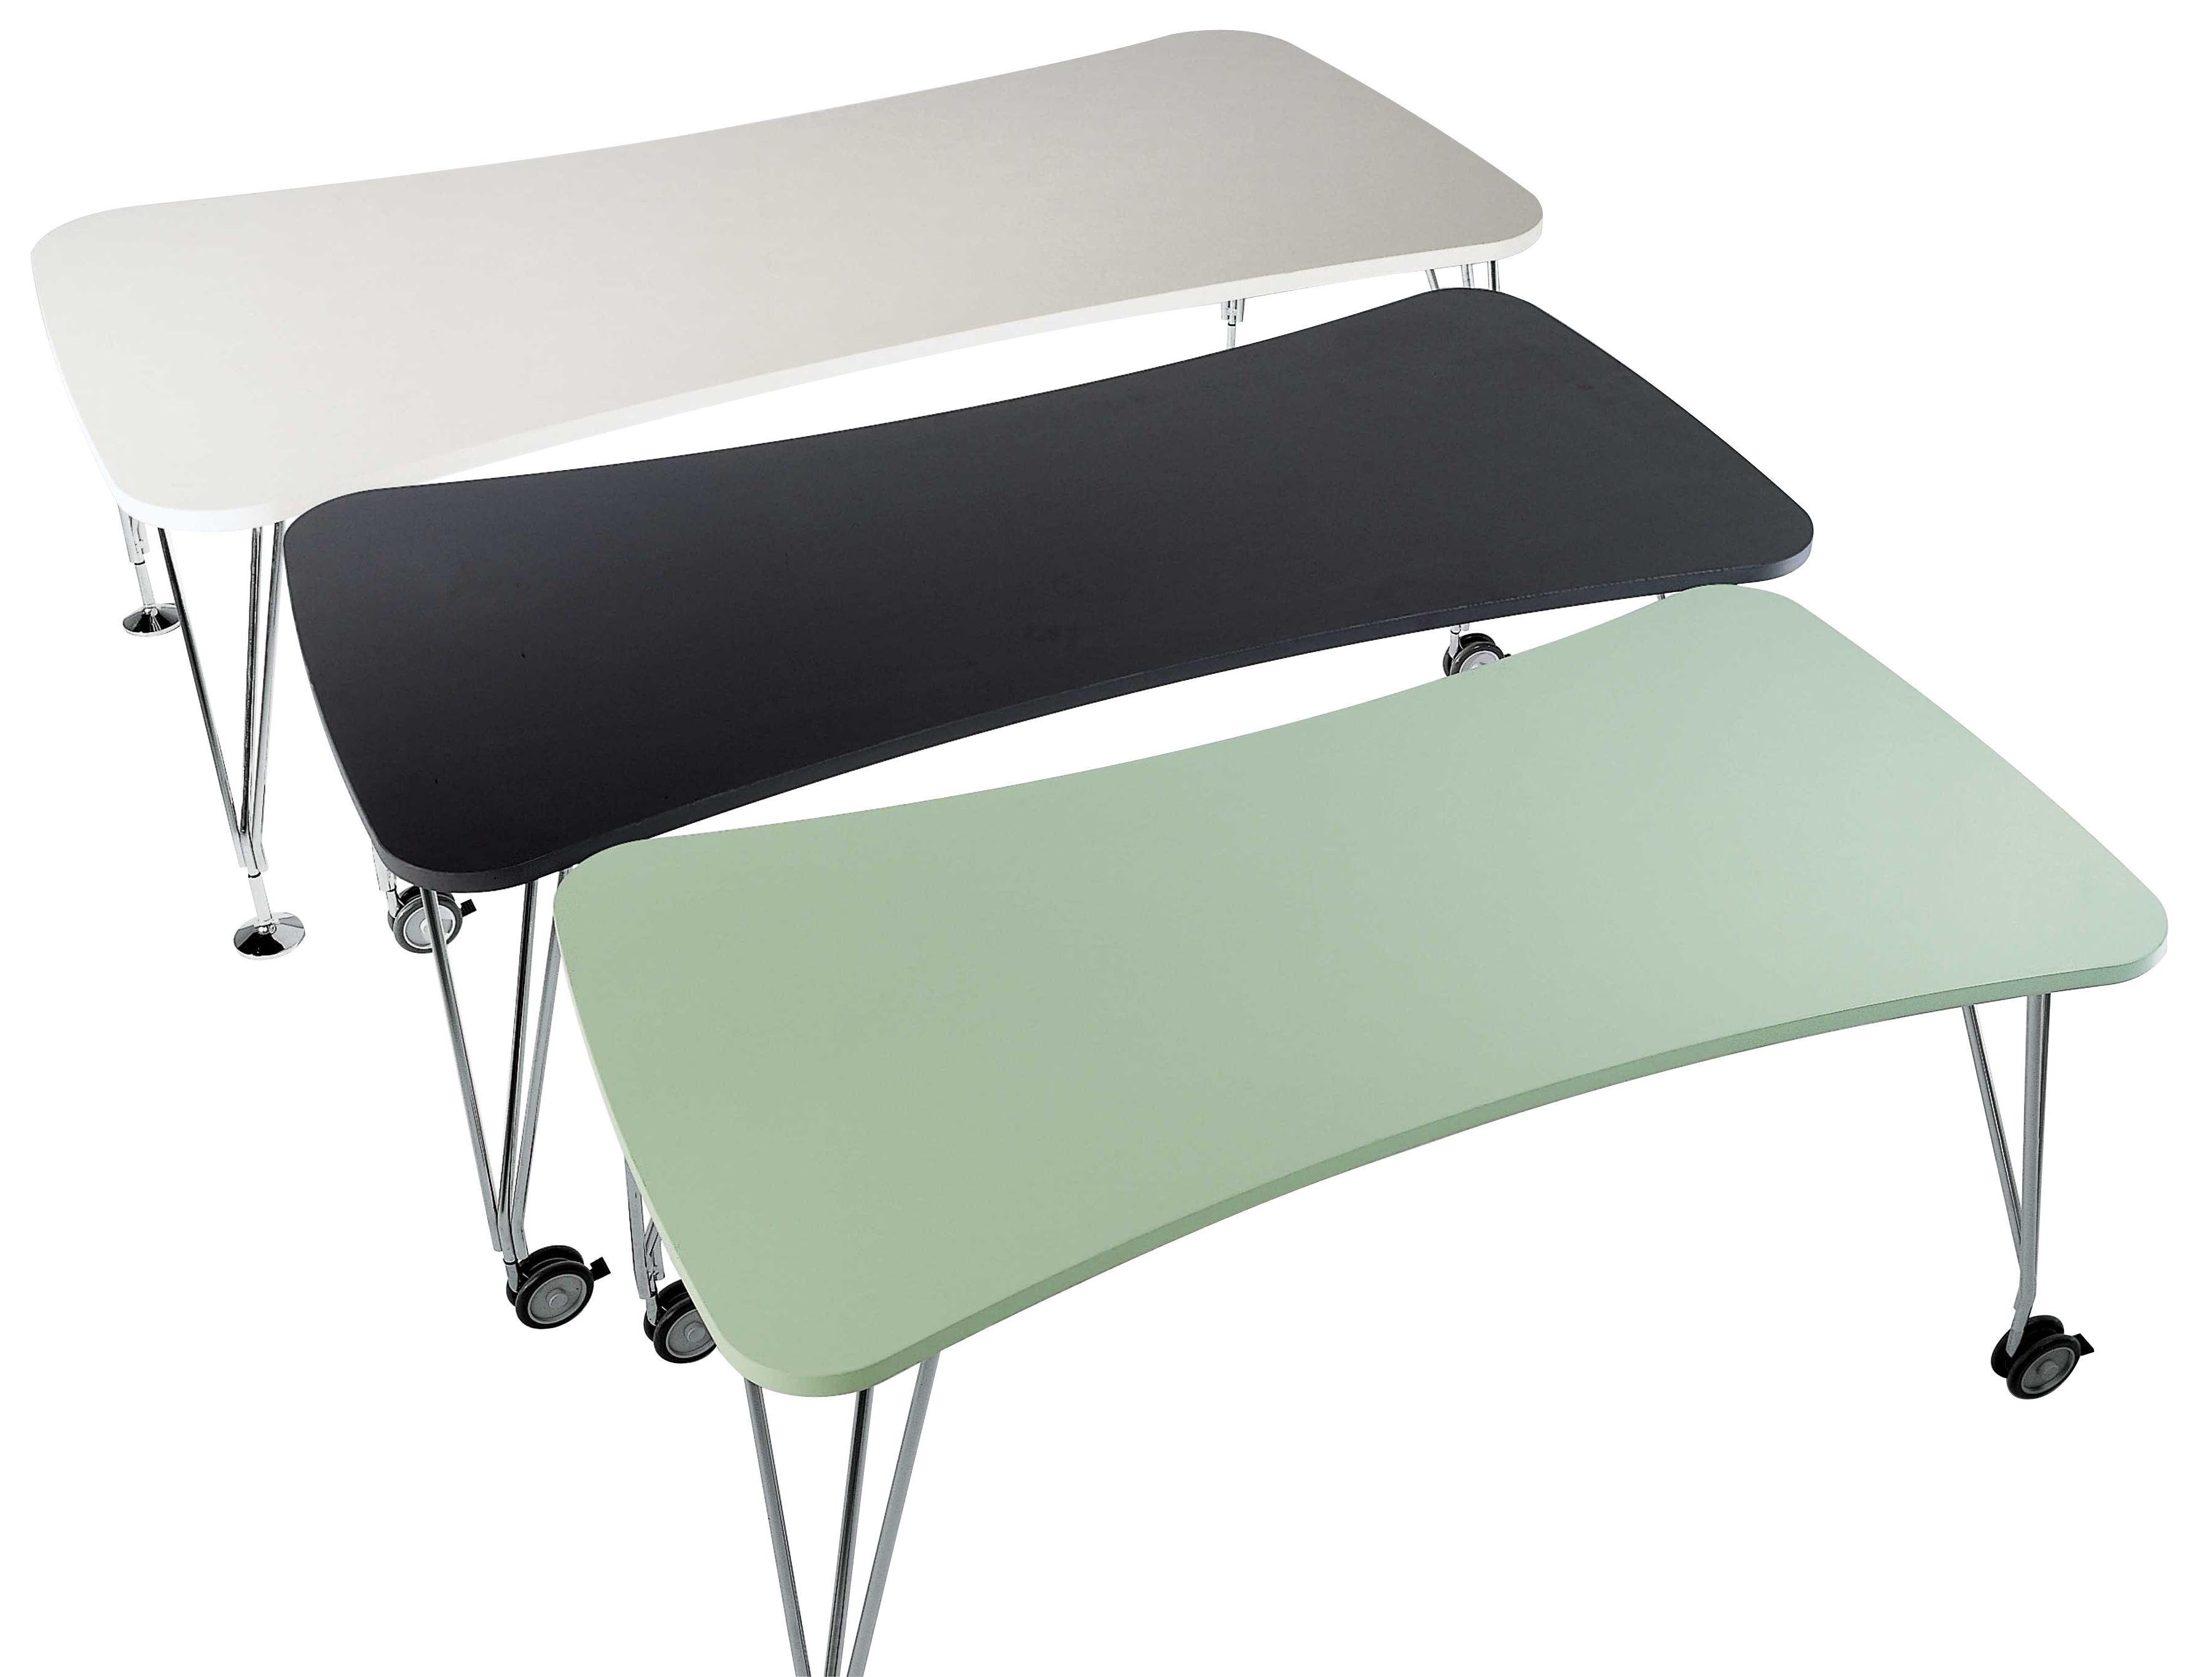 Mobilier - Mobilier Ados - Table rectangulaire Max / Bureau - Roulettes - L 190 cm - Kartell - Blanc - Acier chromé, Laminé